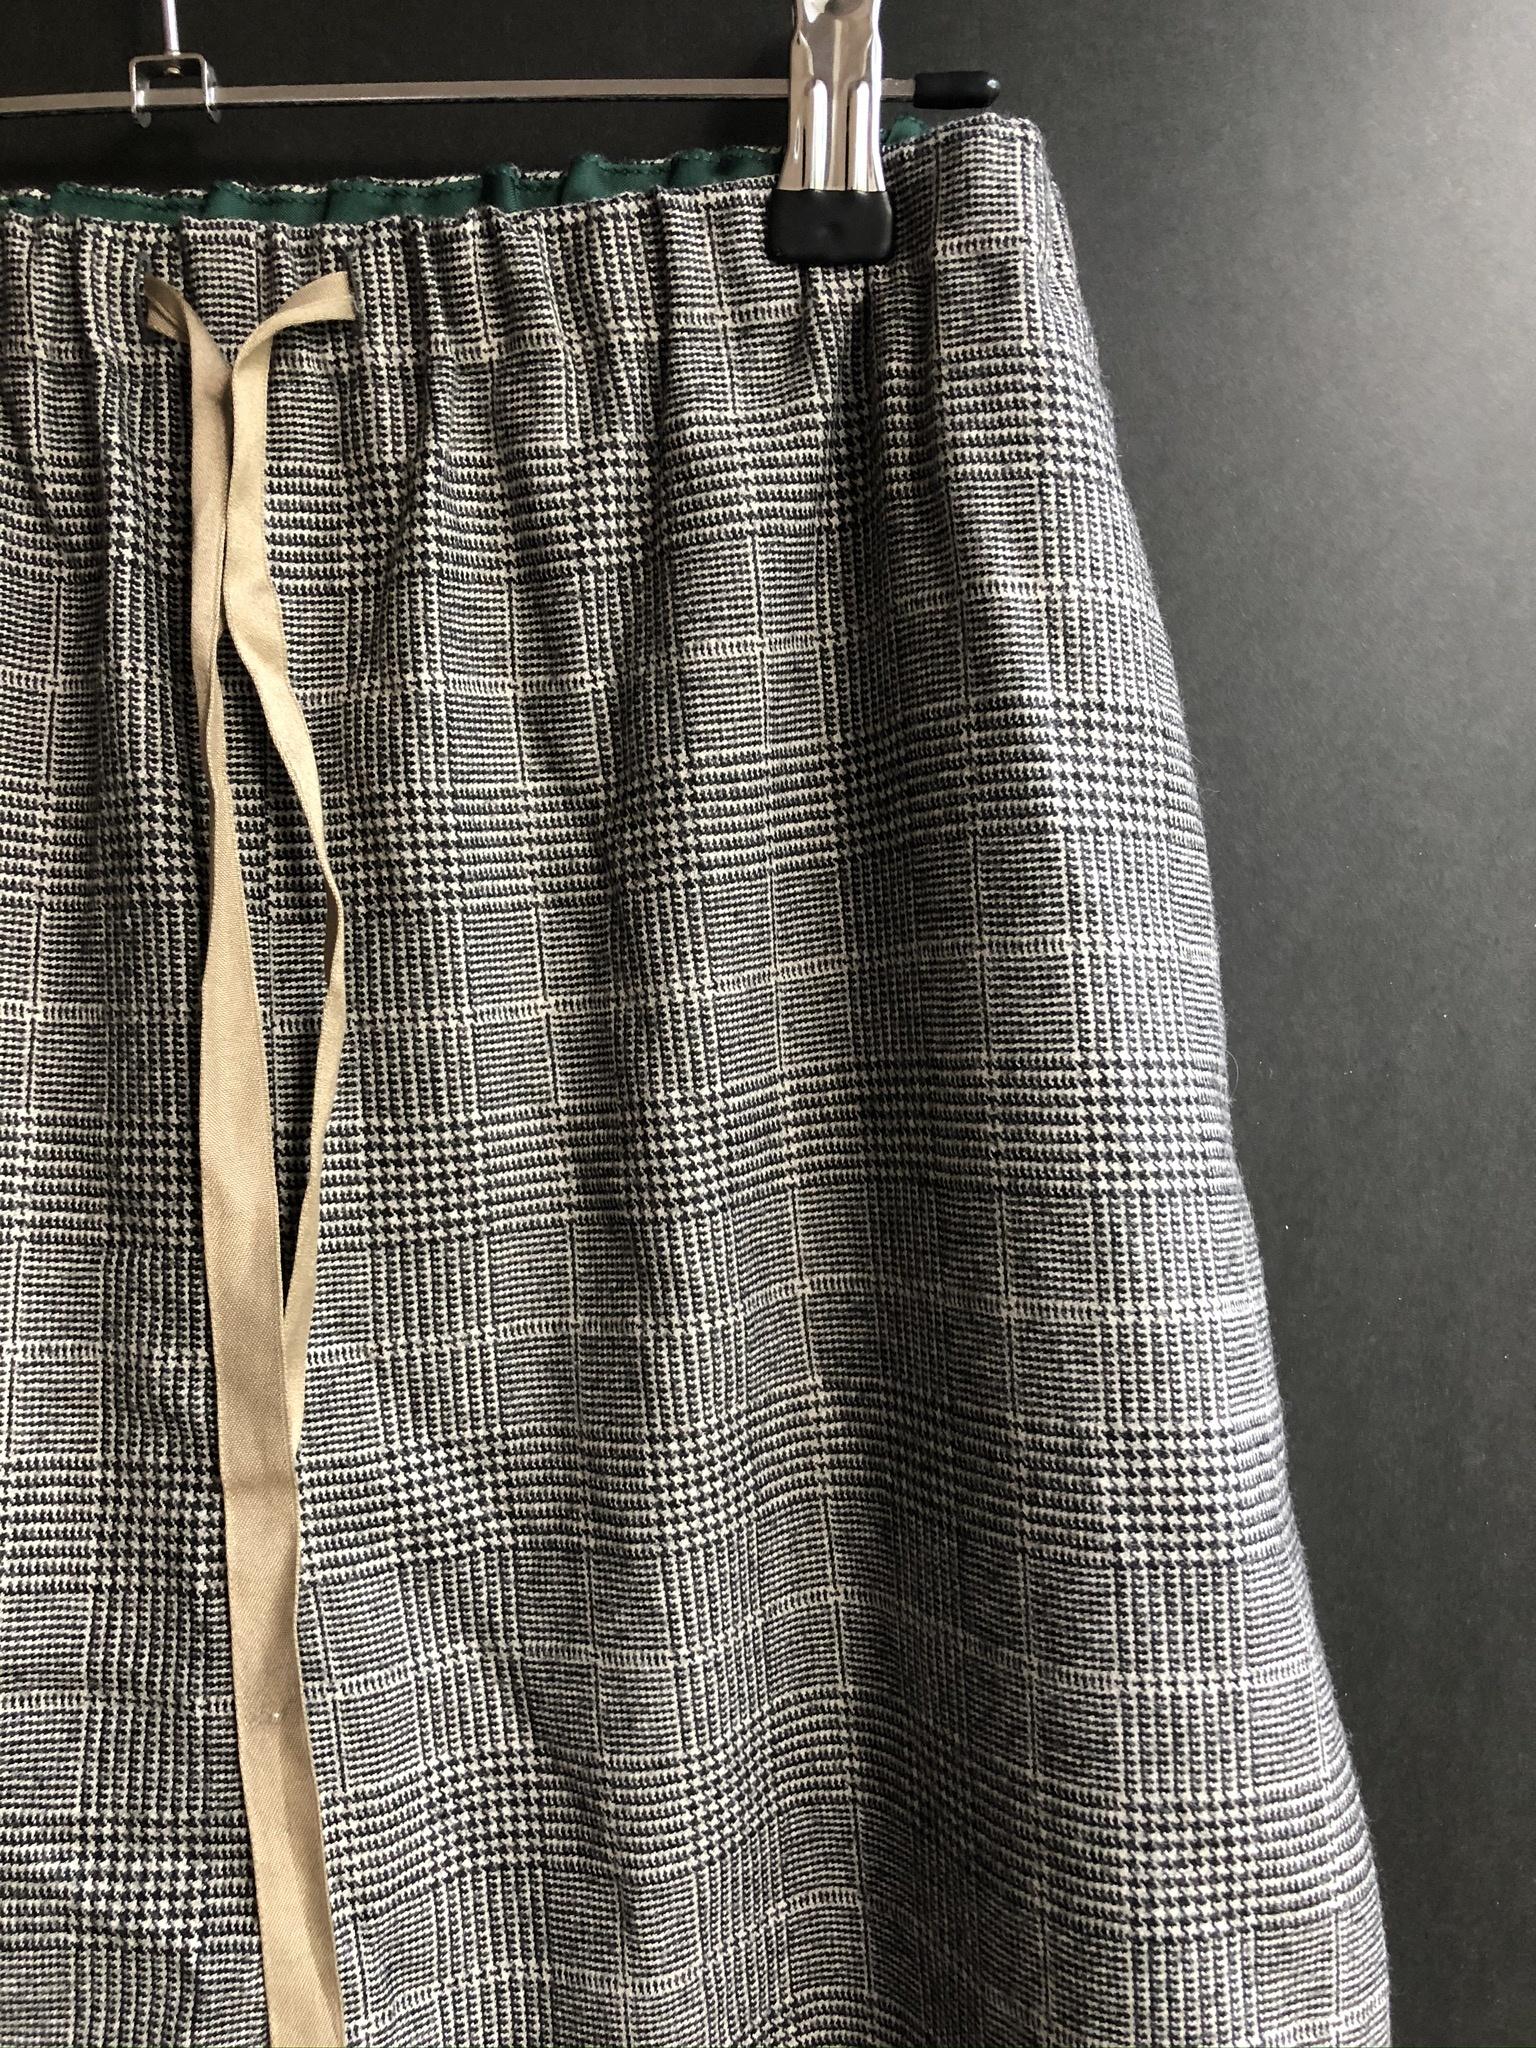 pants check-2